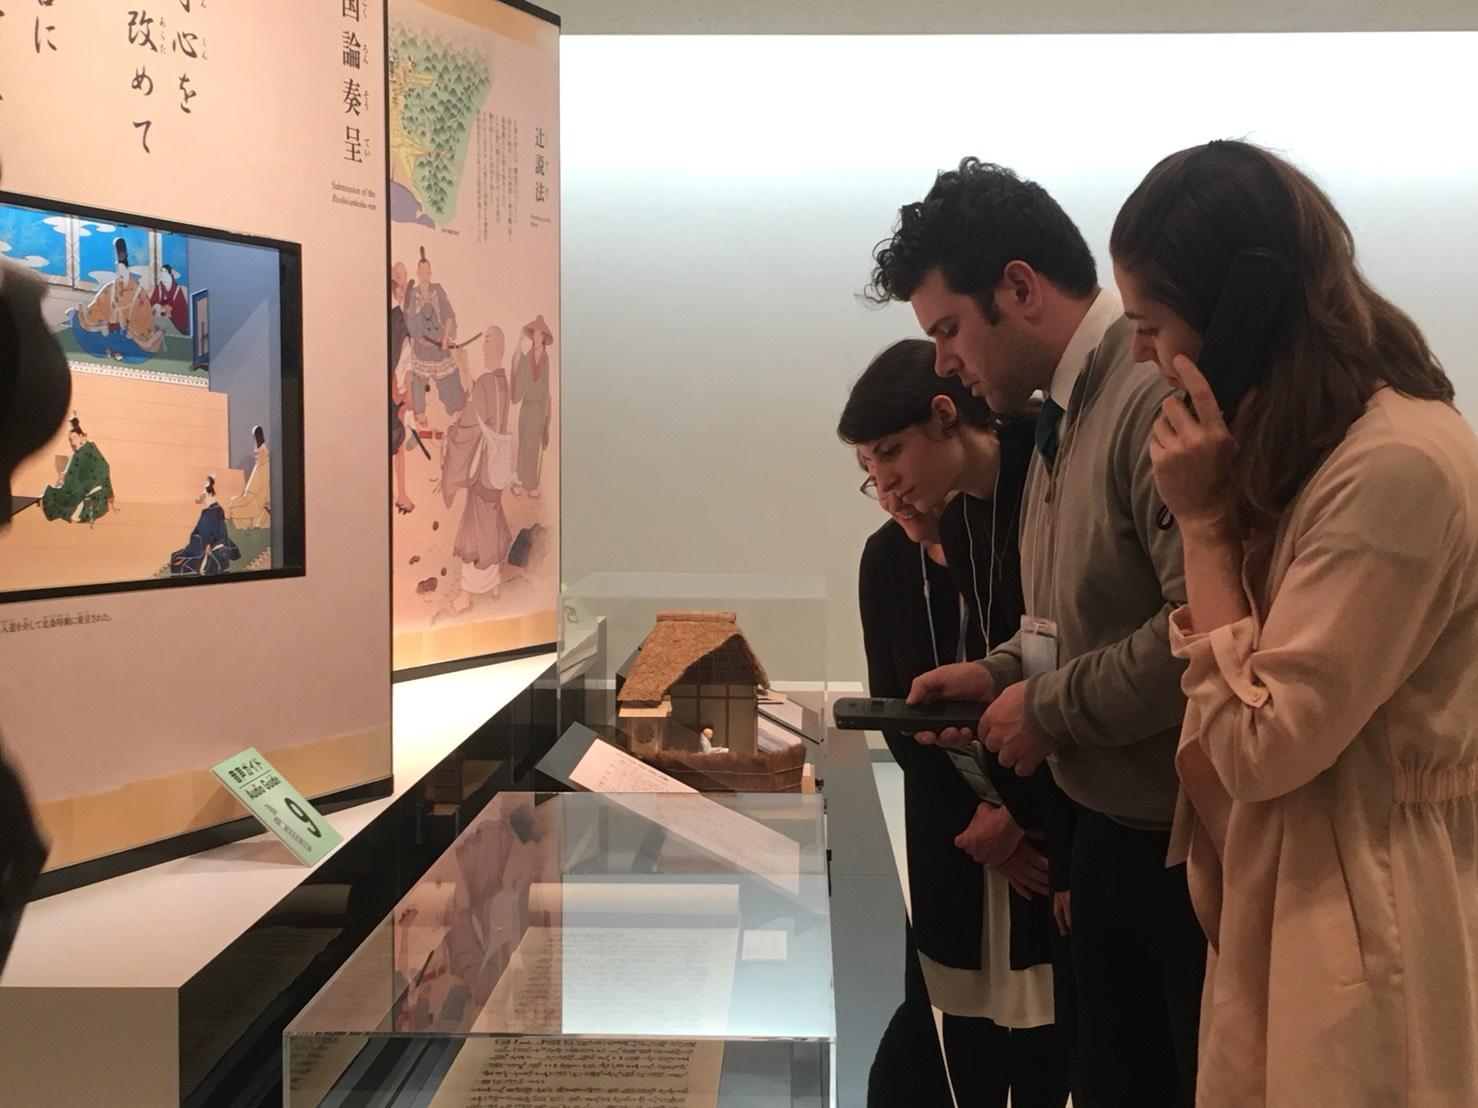 大石寺音声ガイドを利用する外国人観光客